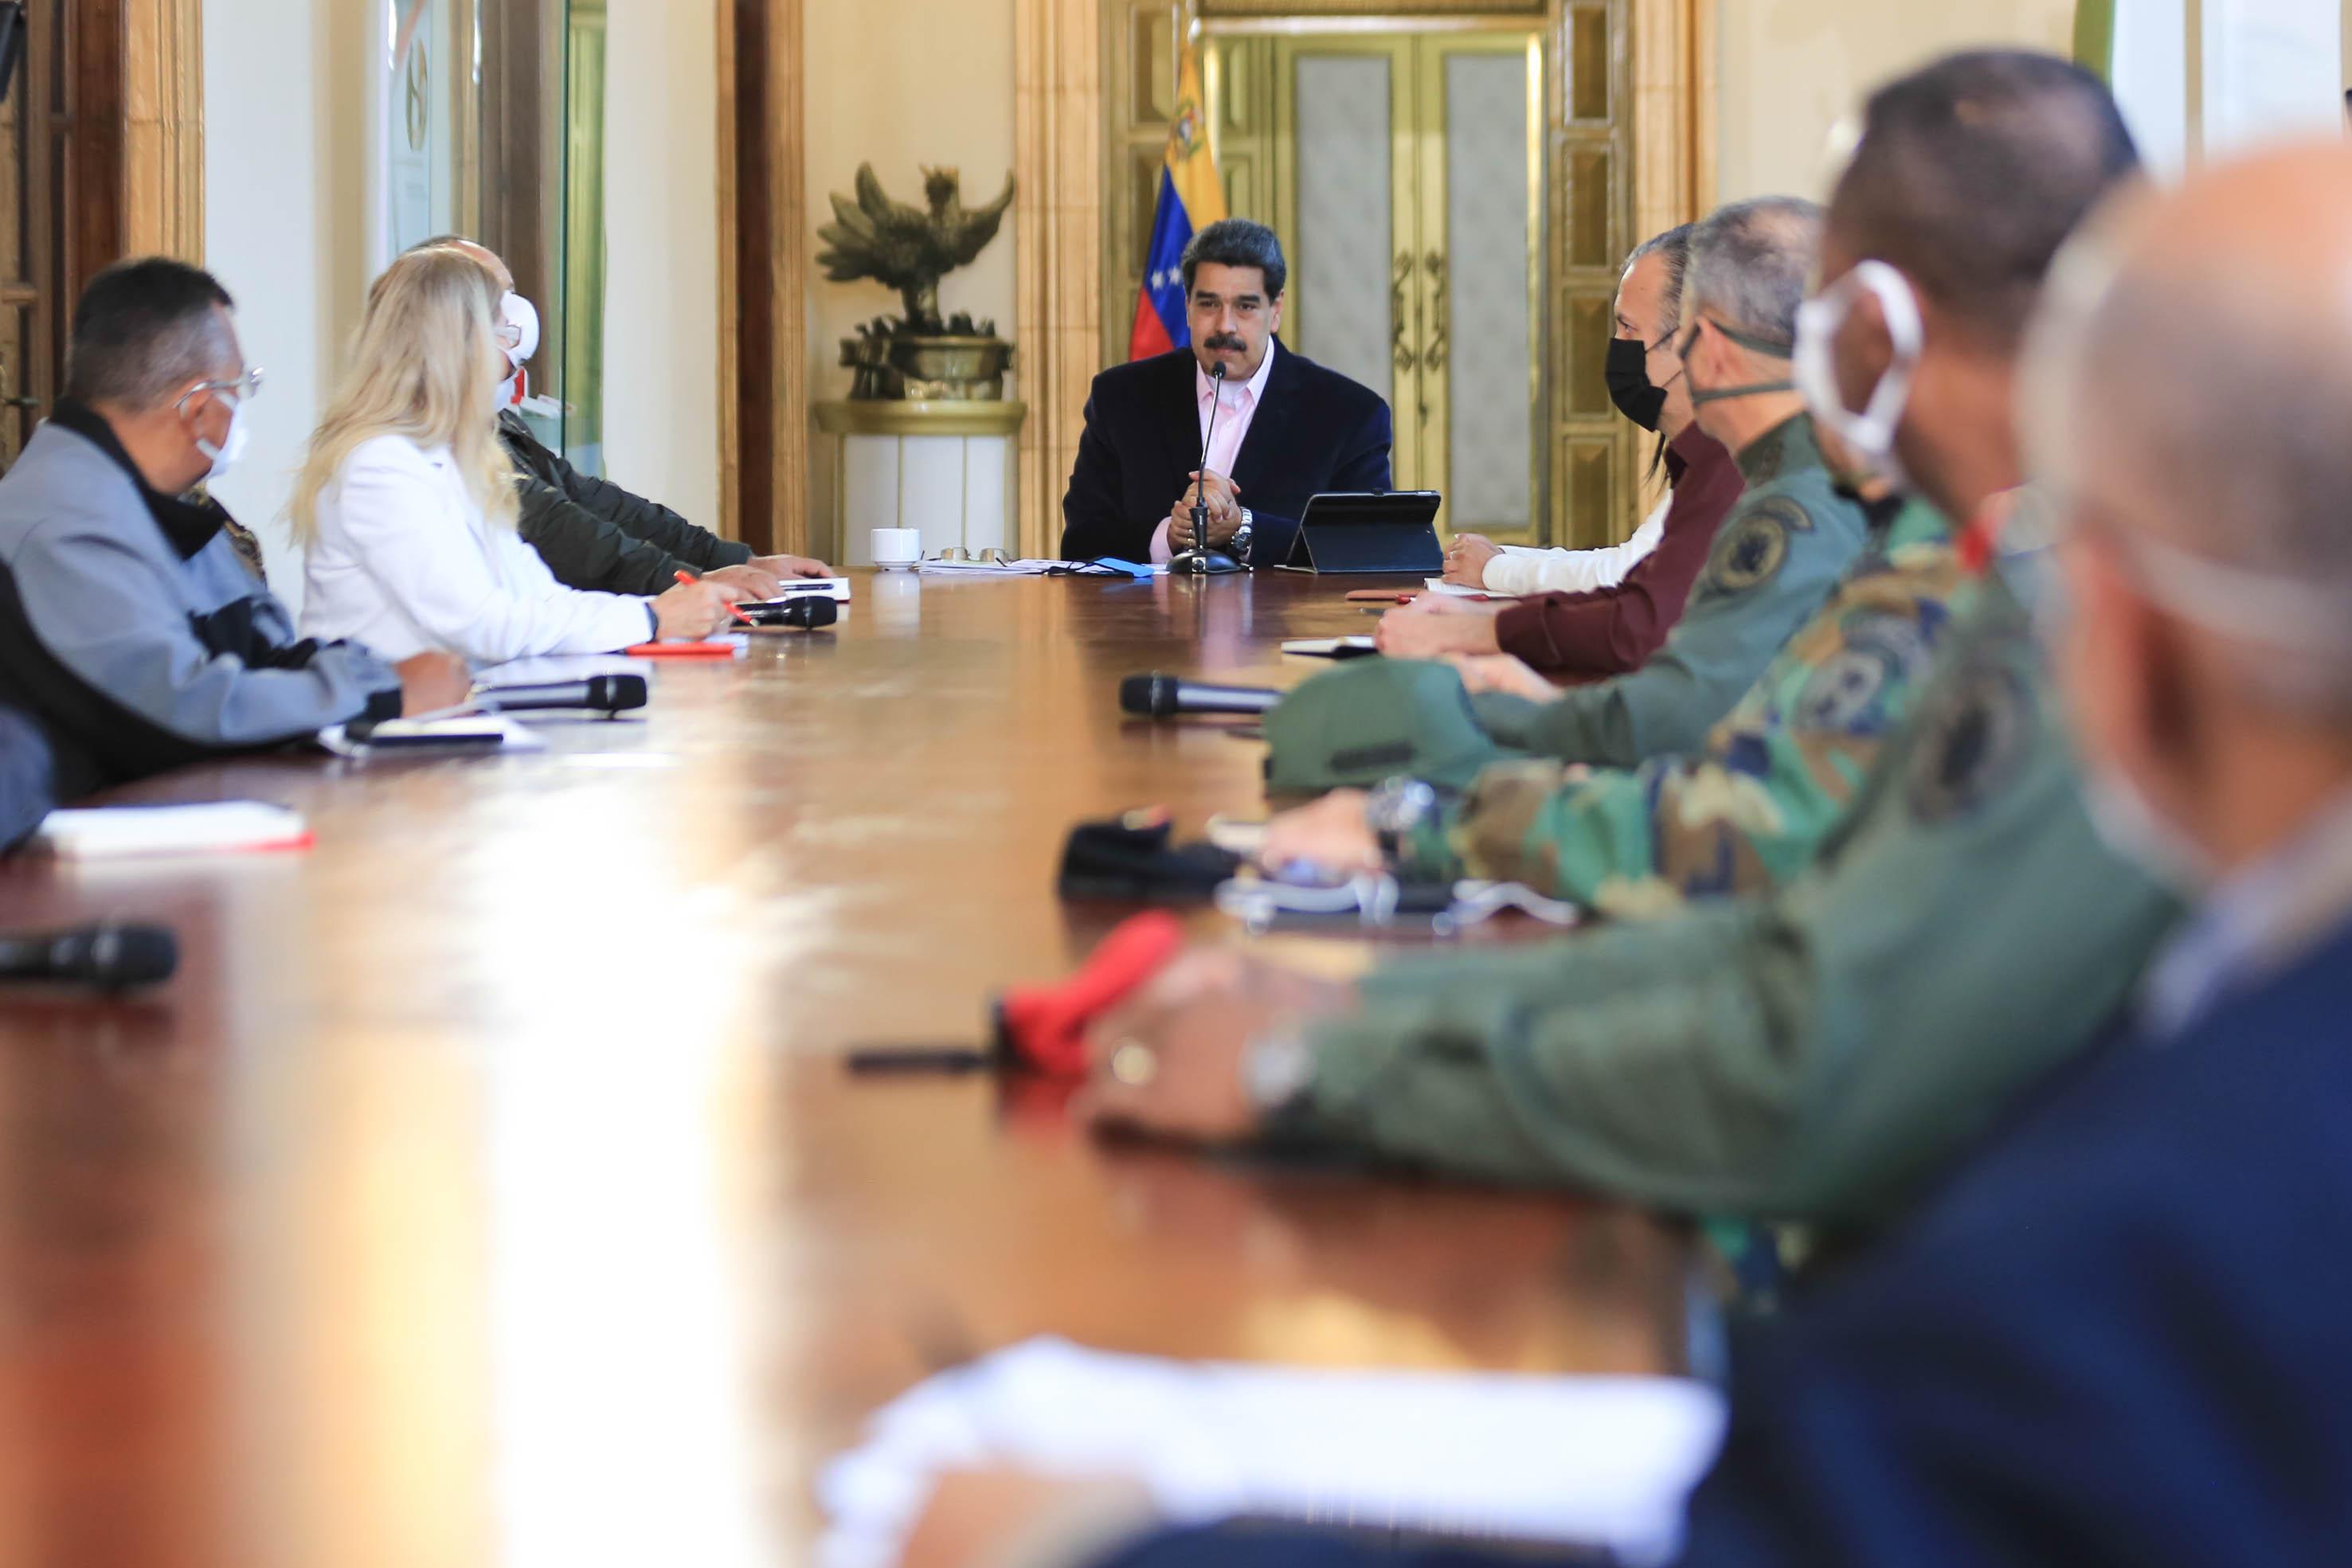 Presidente Maduro: Estoy dispuesto a hablar con el que haya que hablar para hacer frente al Covid-19